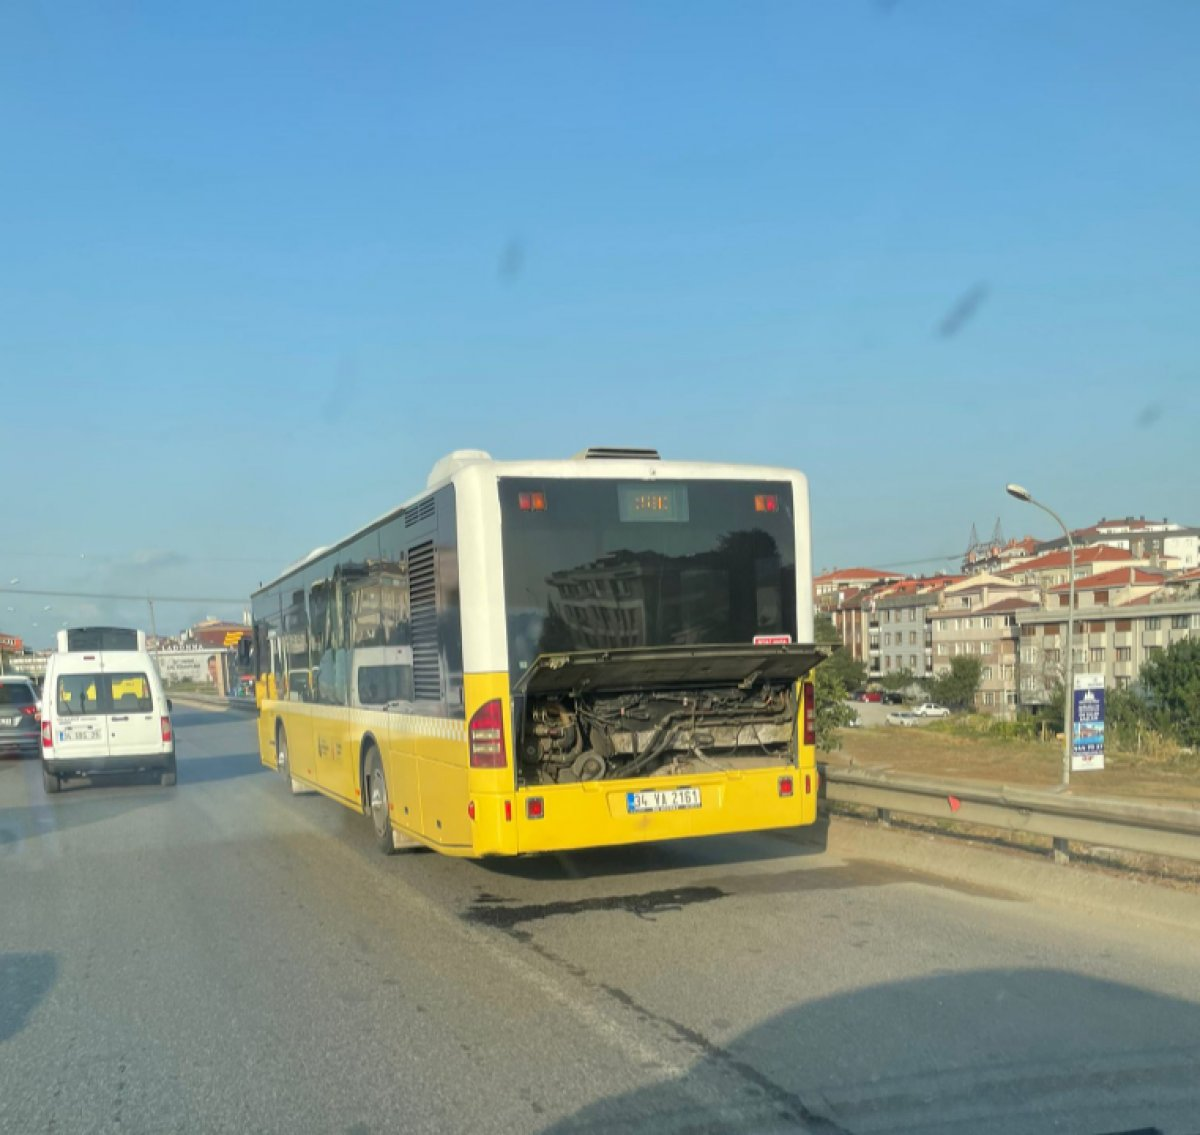 Ümraniye'de İETT otobüsü arıza yaptı #1